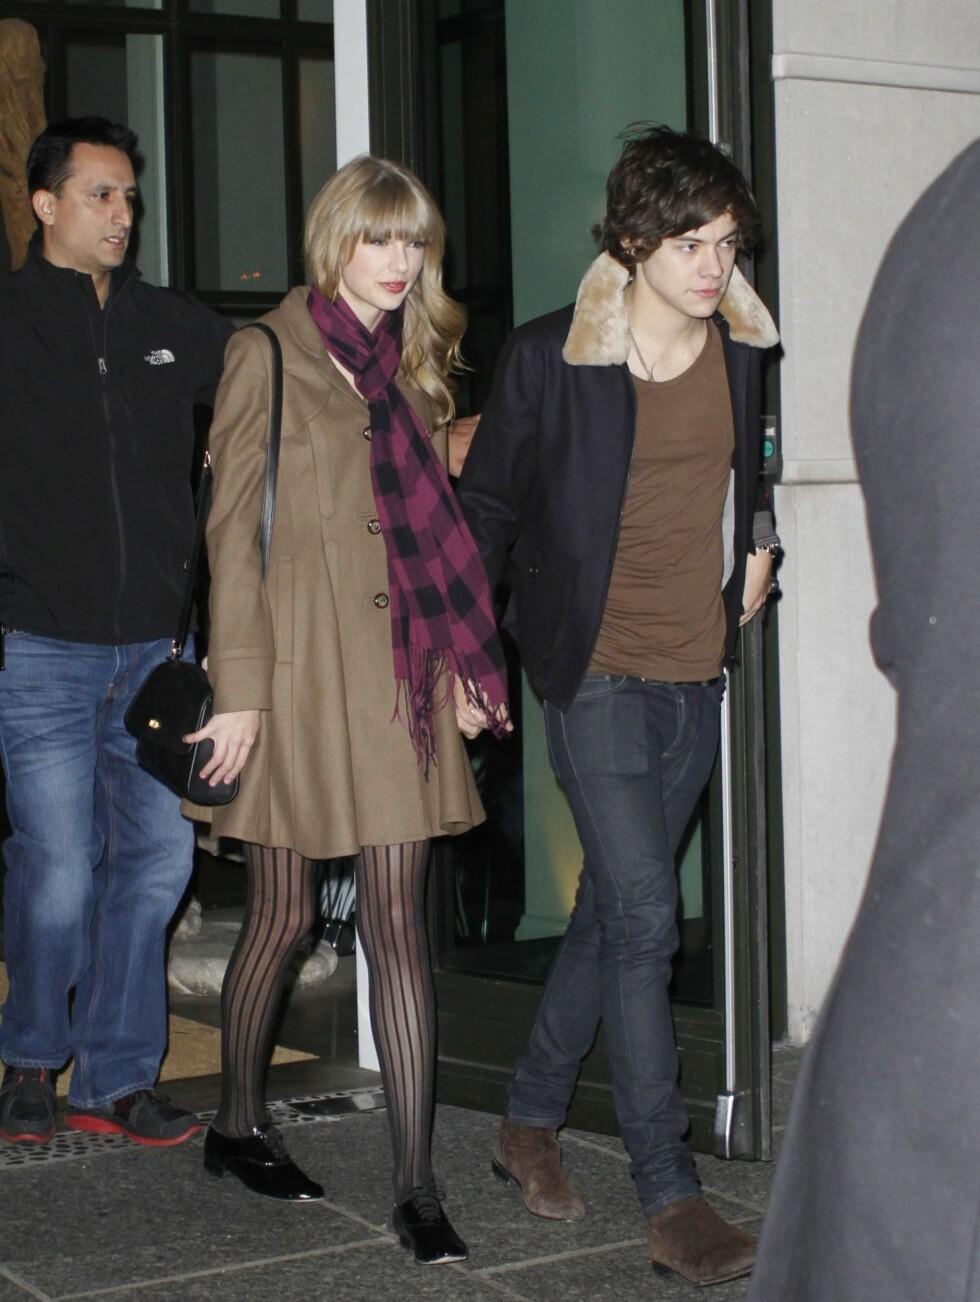 HARRY + TAYLOR = SANT?: Taylor Swift har blitt styrtrik på å skrive sanger om sine mislykkete kjærlighetsforhold, men så langt ser alt ut til å gå på skinner mellom henne og One Direction-medlemmet Harry Styles. Foto: All Over Press